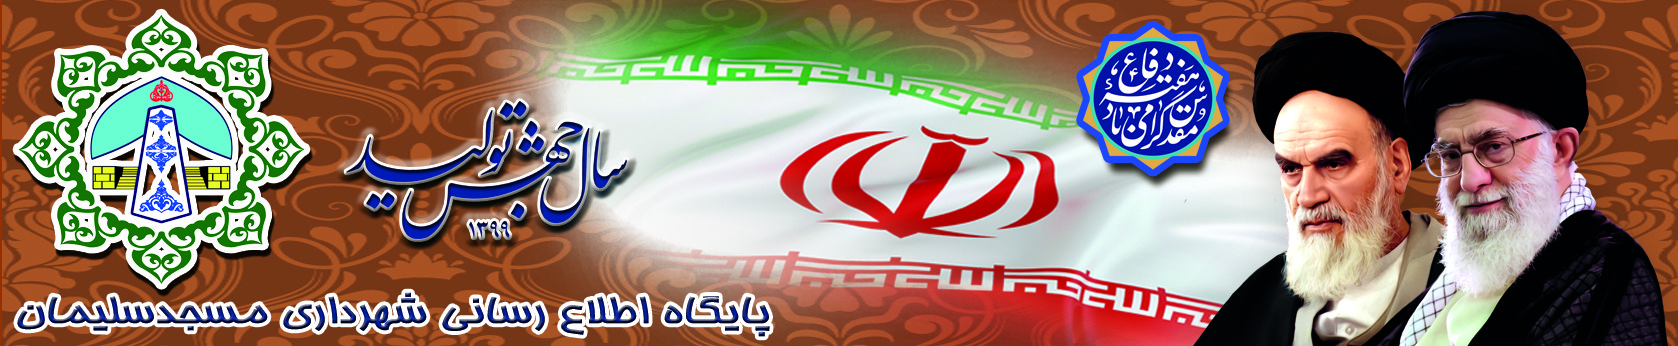 پایگاه اطلاع رسانی شهرداری مسجدسلیمان